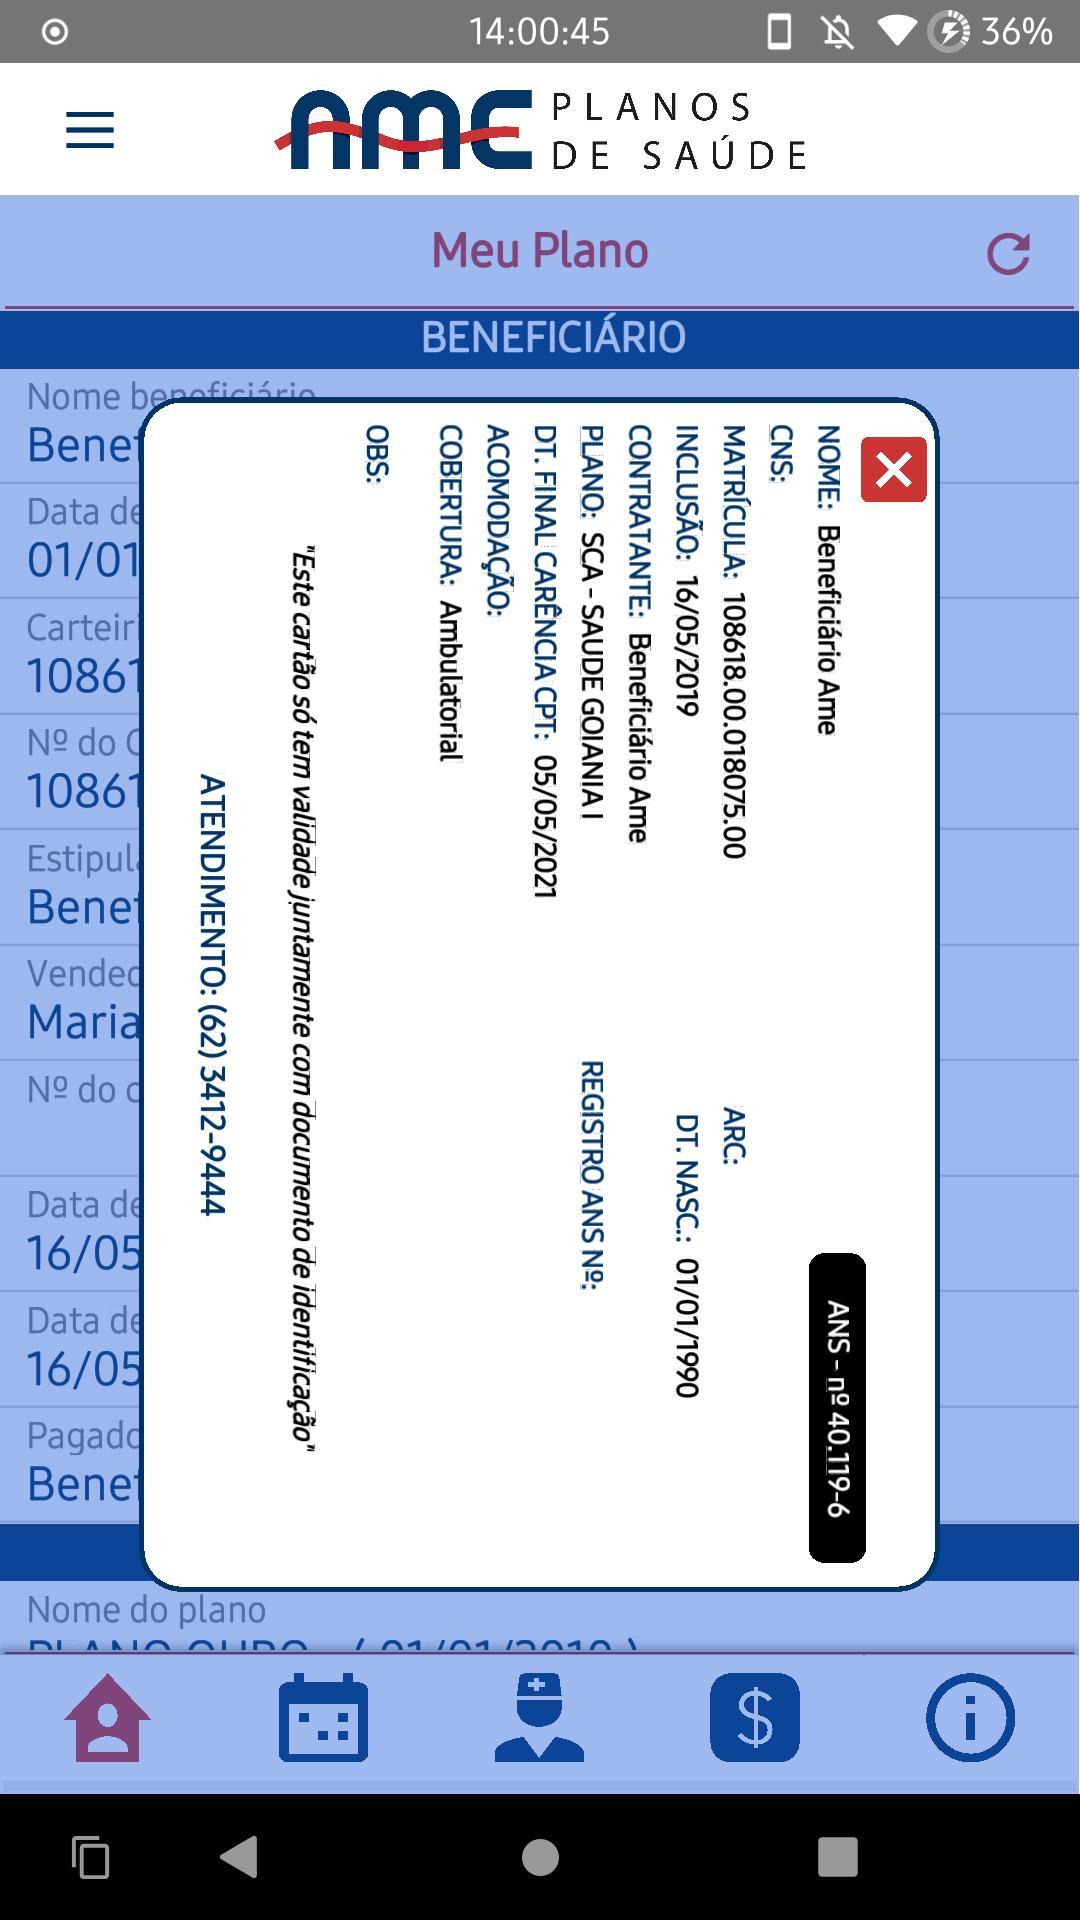 AME Planos de Saúde for Android - APK Download